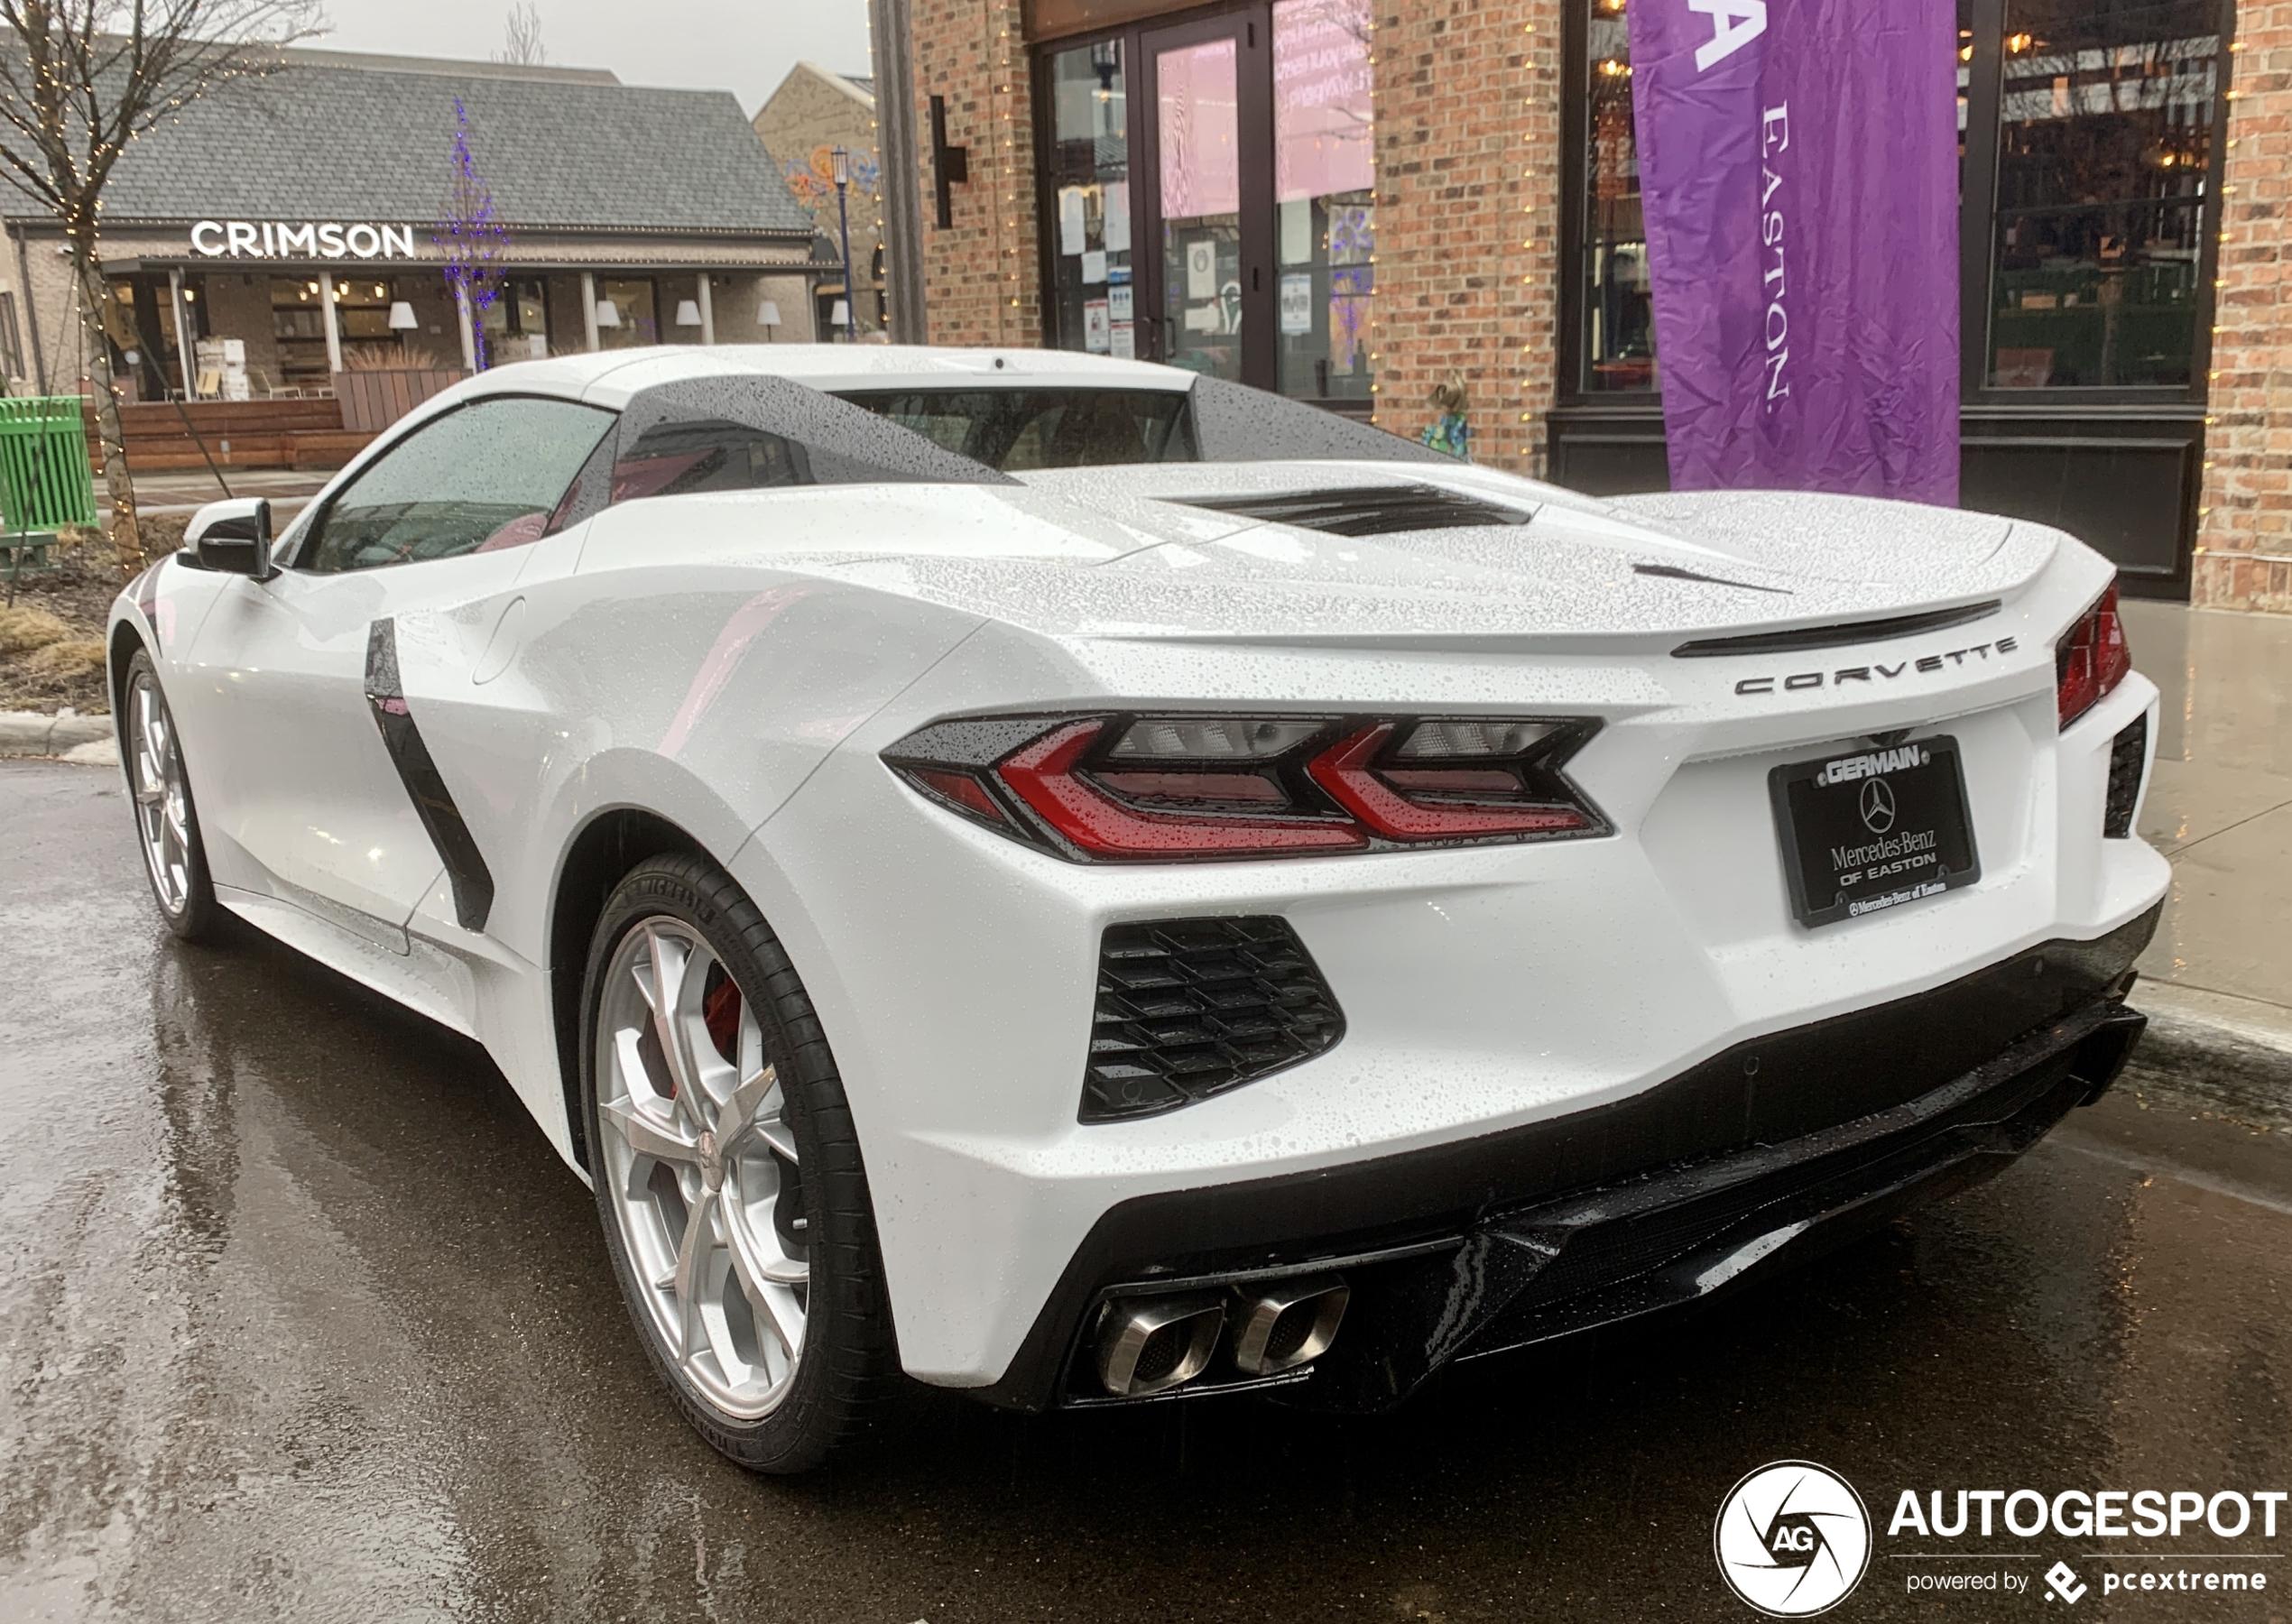 Is de nieuwe Corvette de ergste mutatie van 2020?